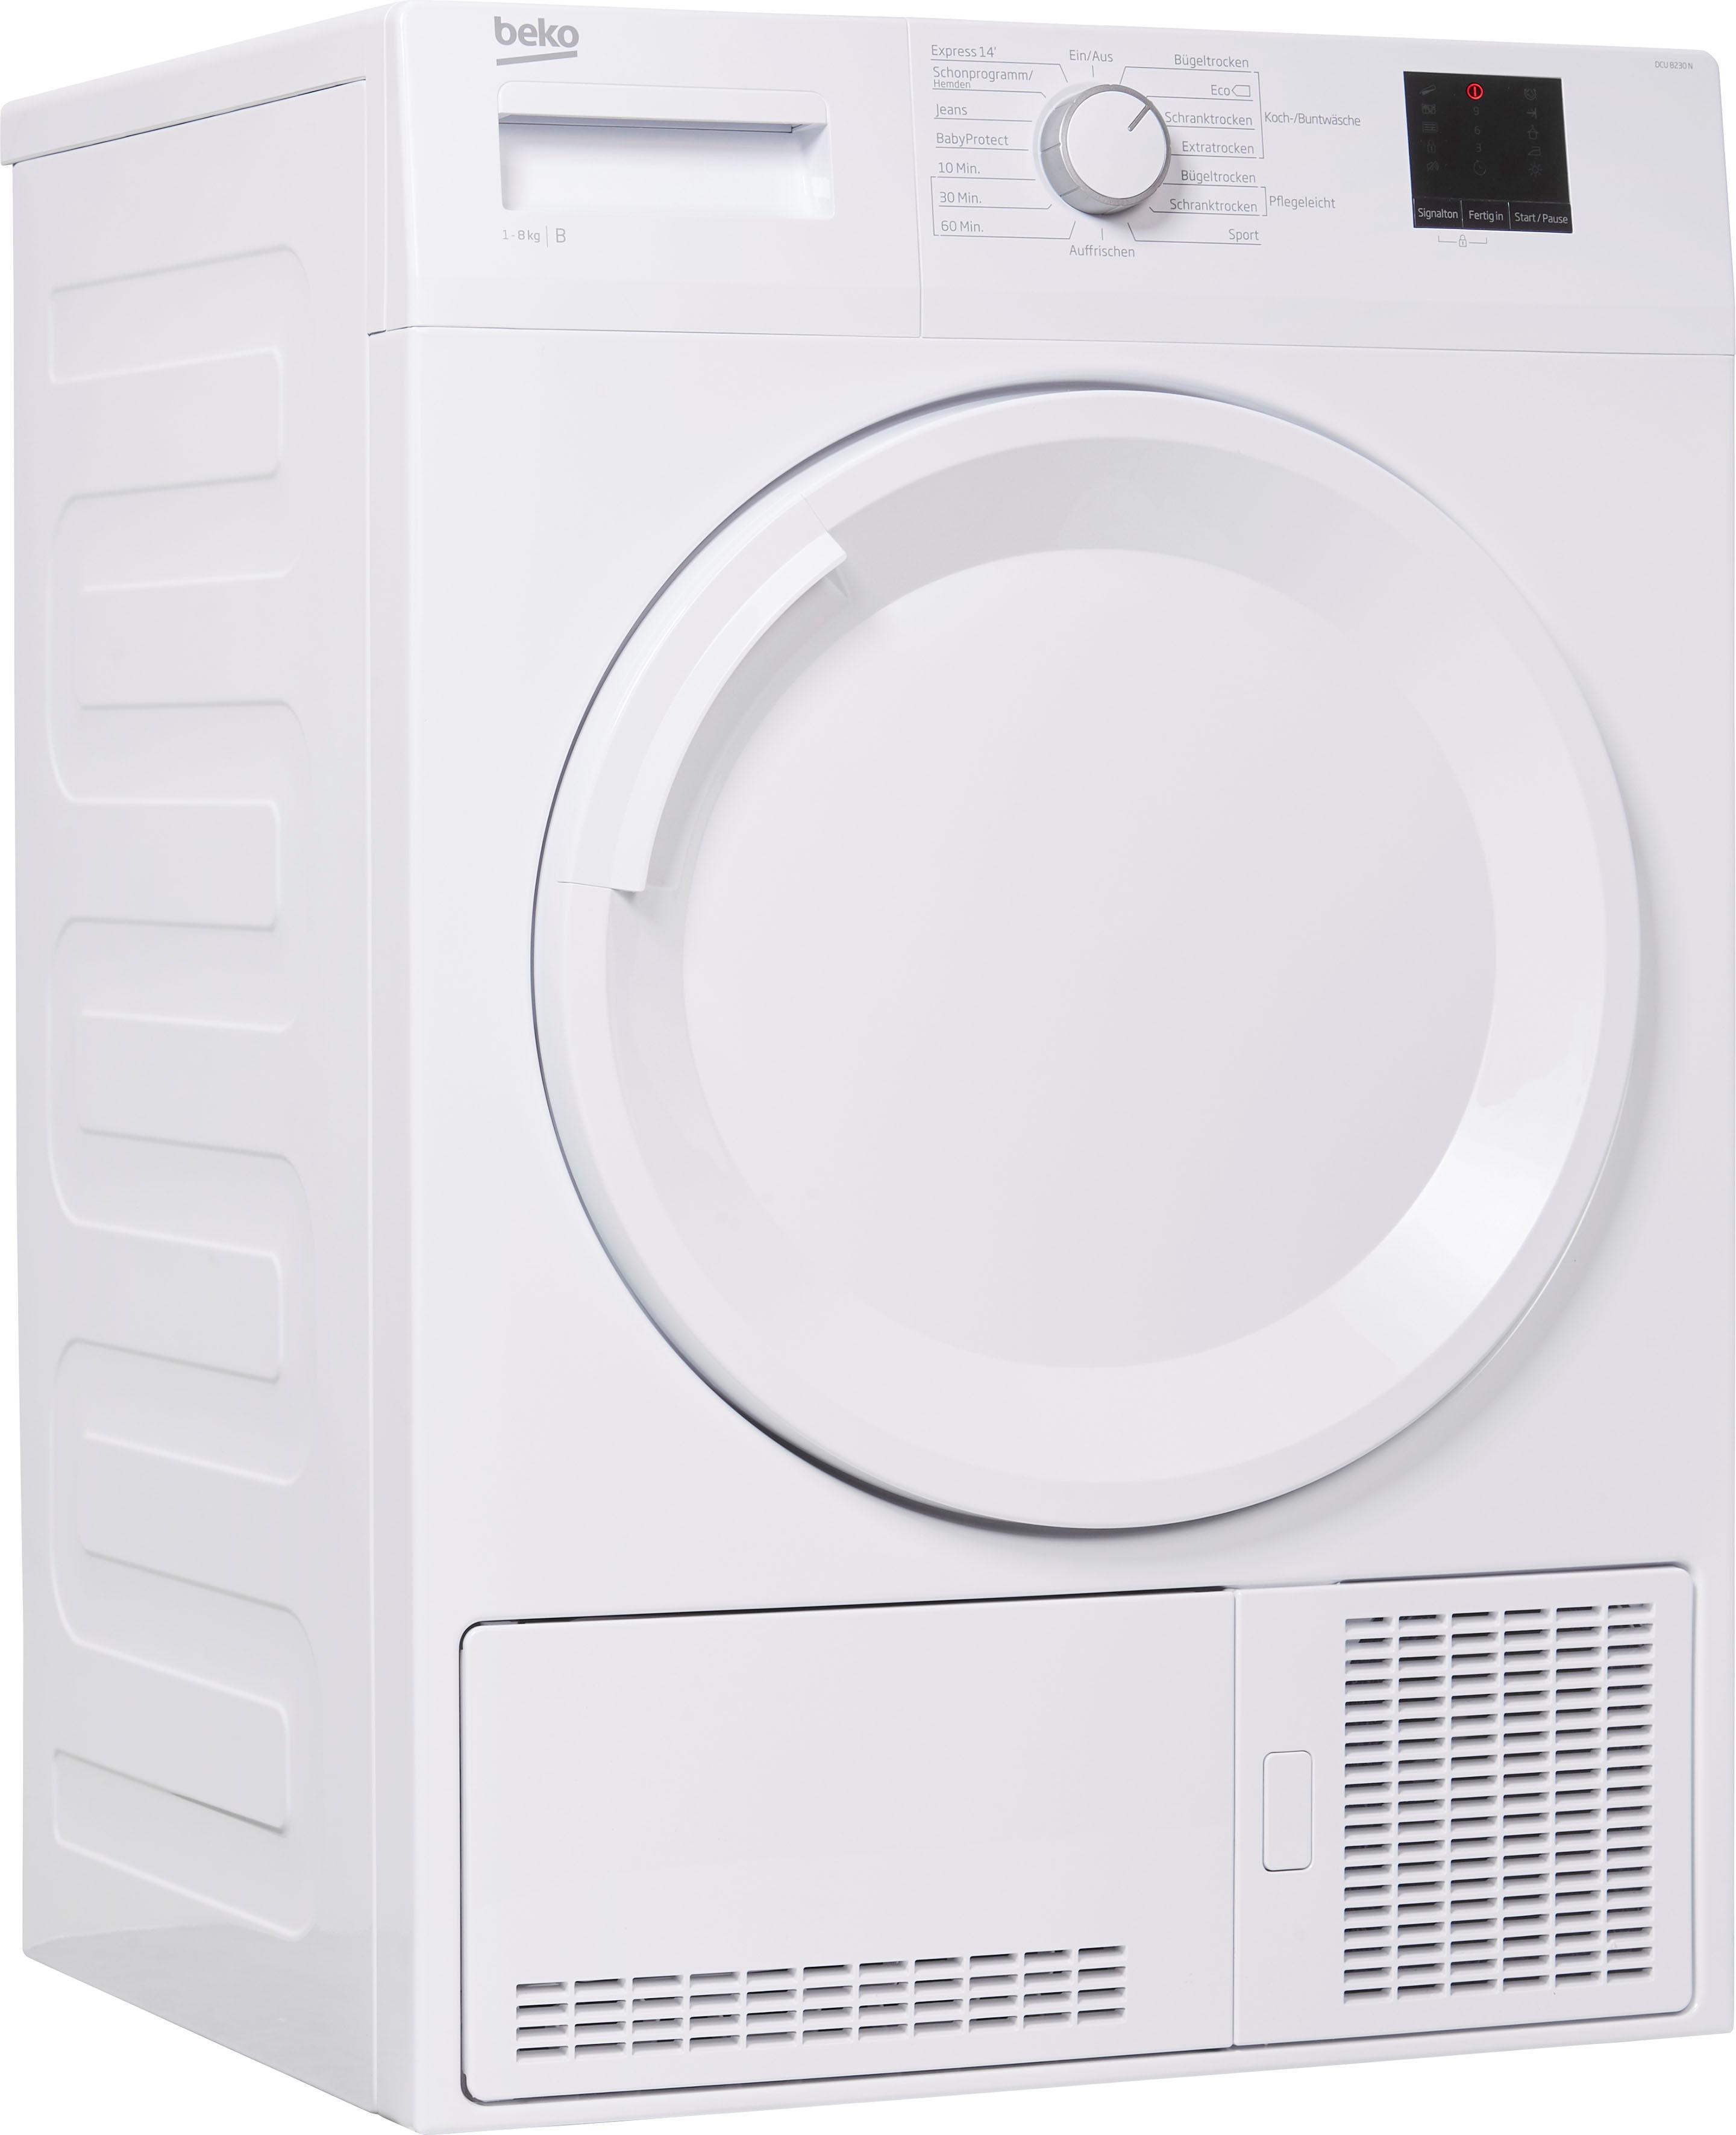 BEKO Kondenstrockner DCU 8230 N 8 kg   Bad > Waschmaschinen und Trockner > Kondenstrockner   Weiß   Beko